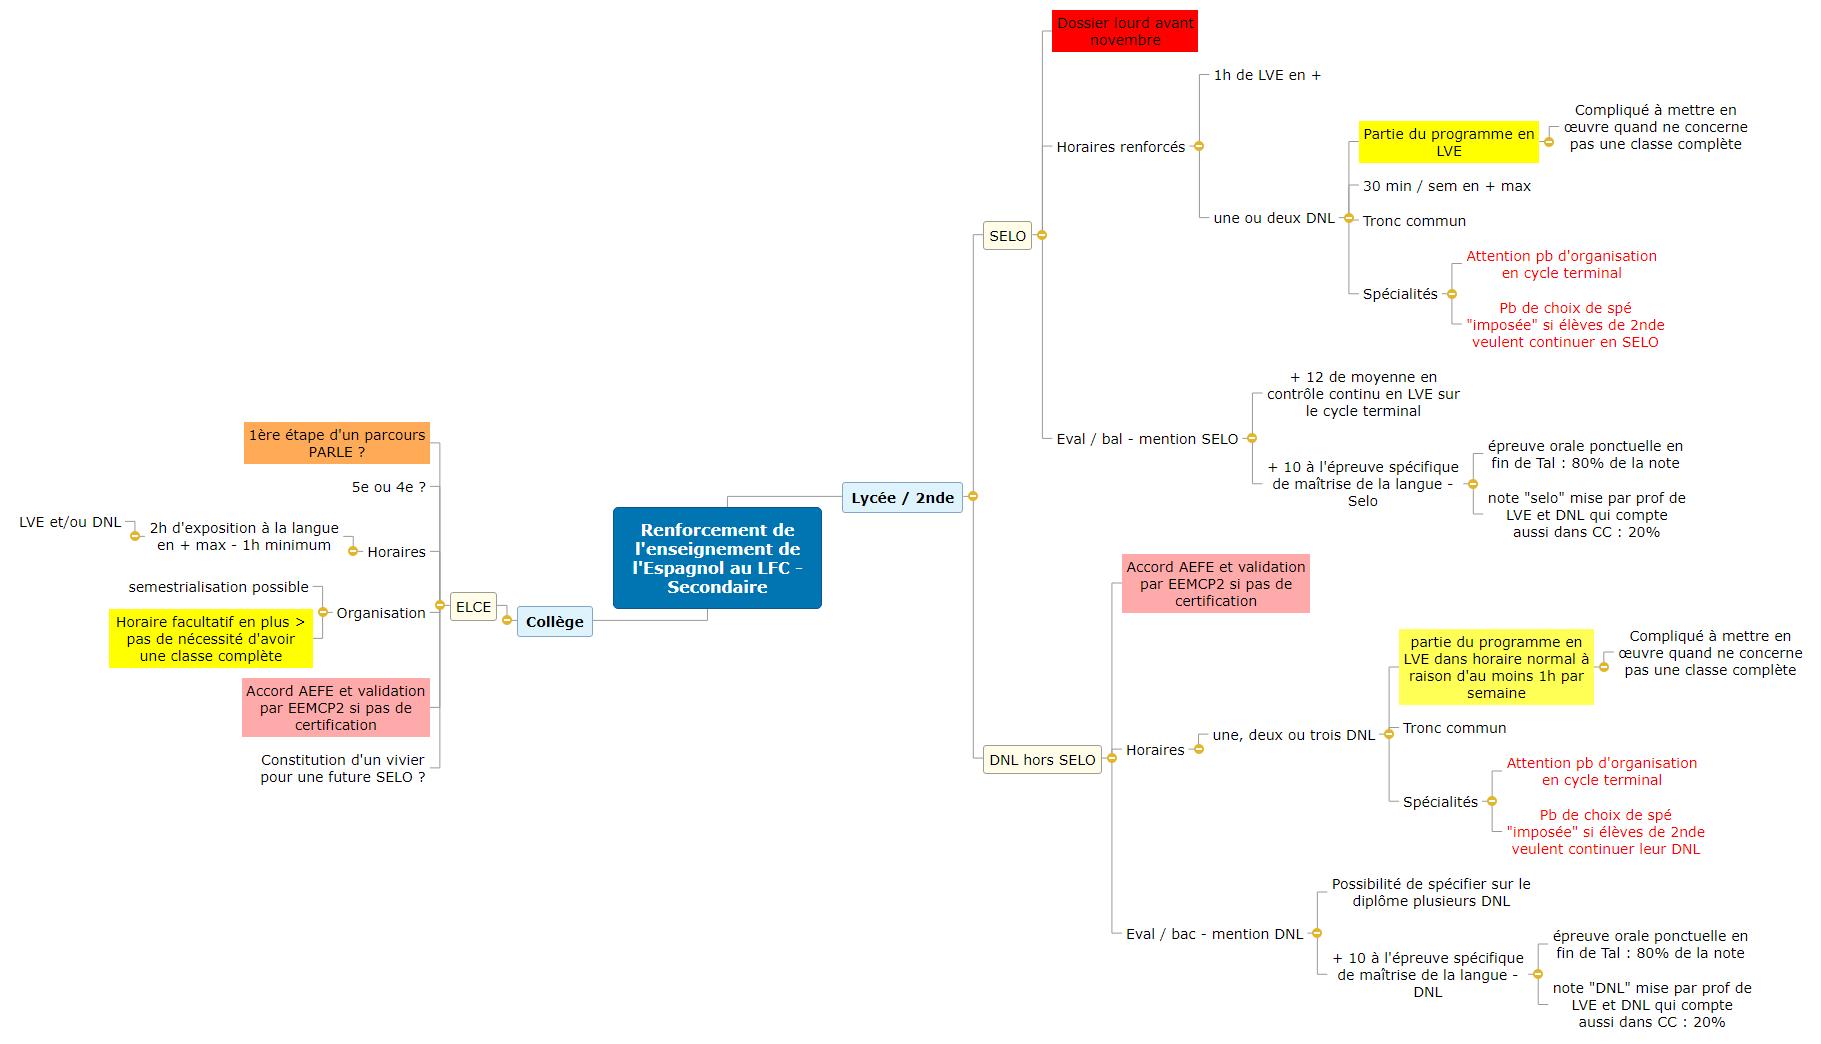 Renforcement de l'enseignement de l'Espagnol au LFC - Secondaire1 Mind Map